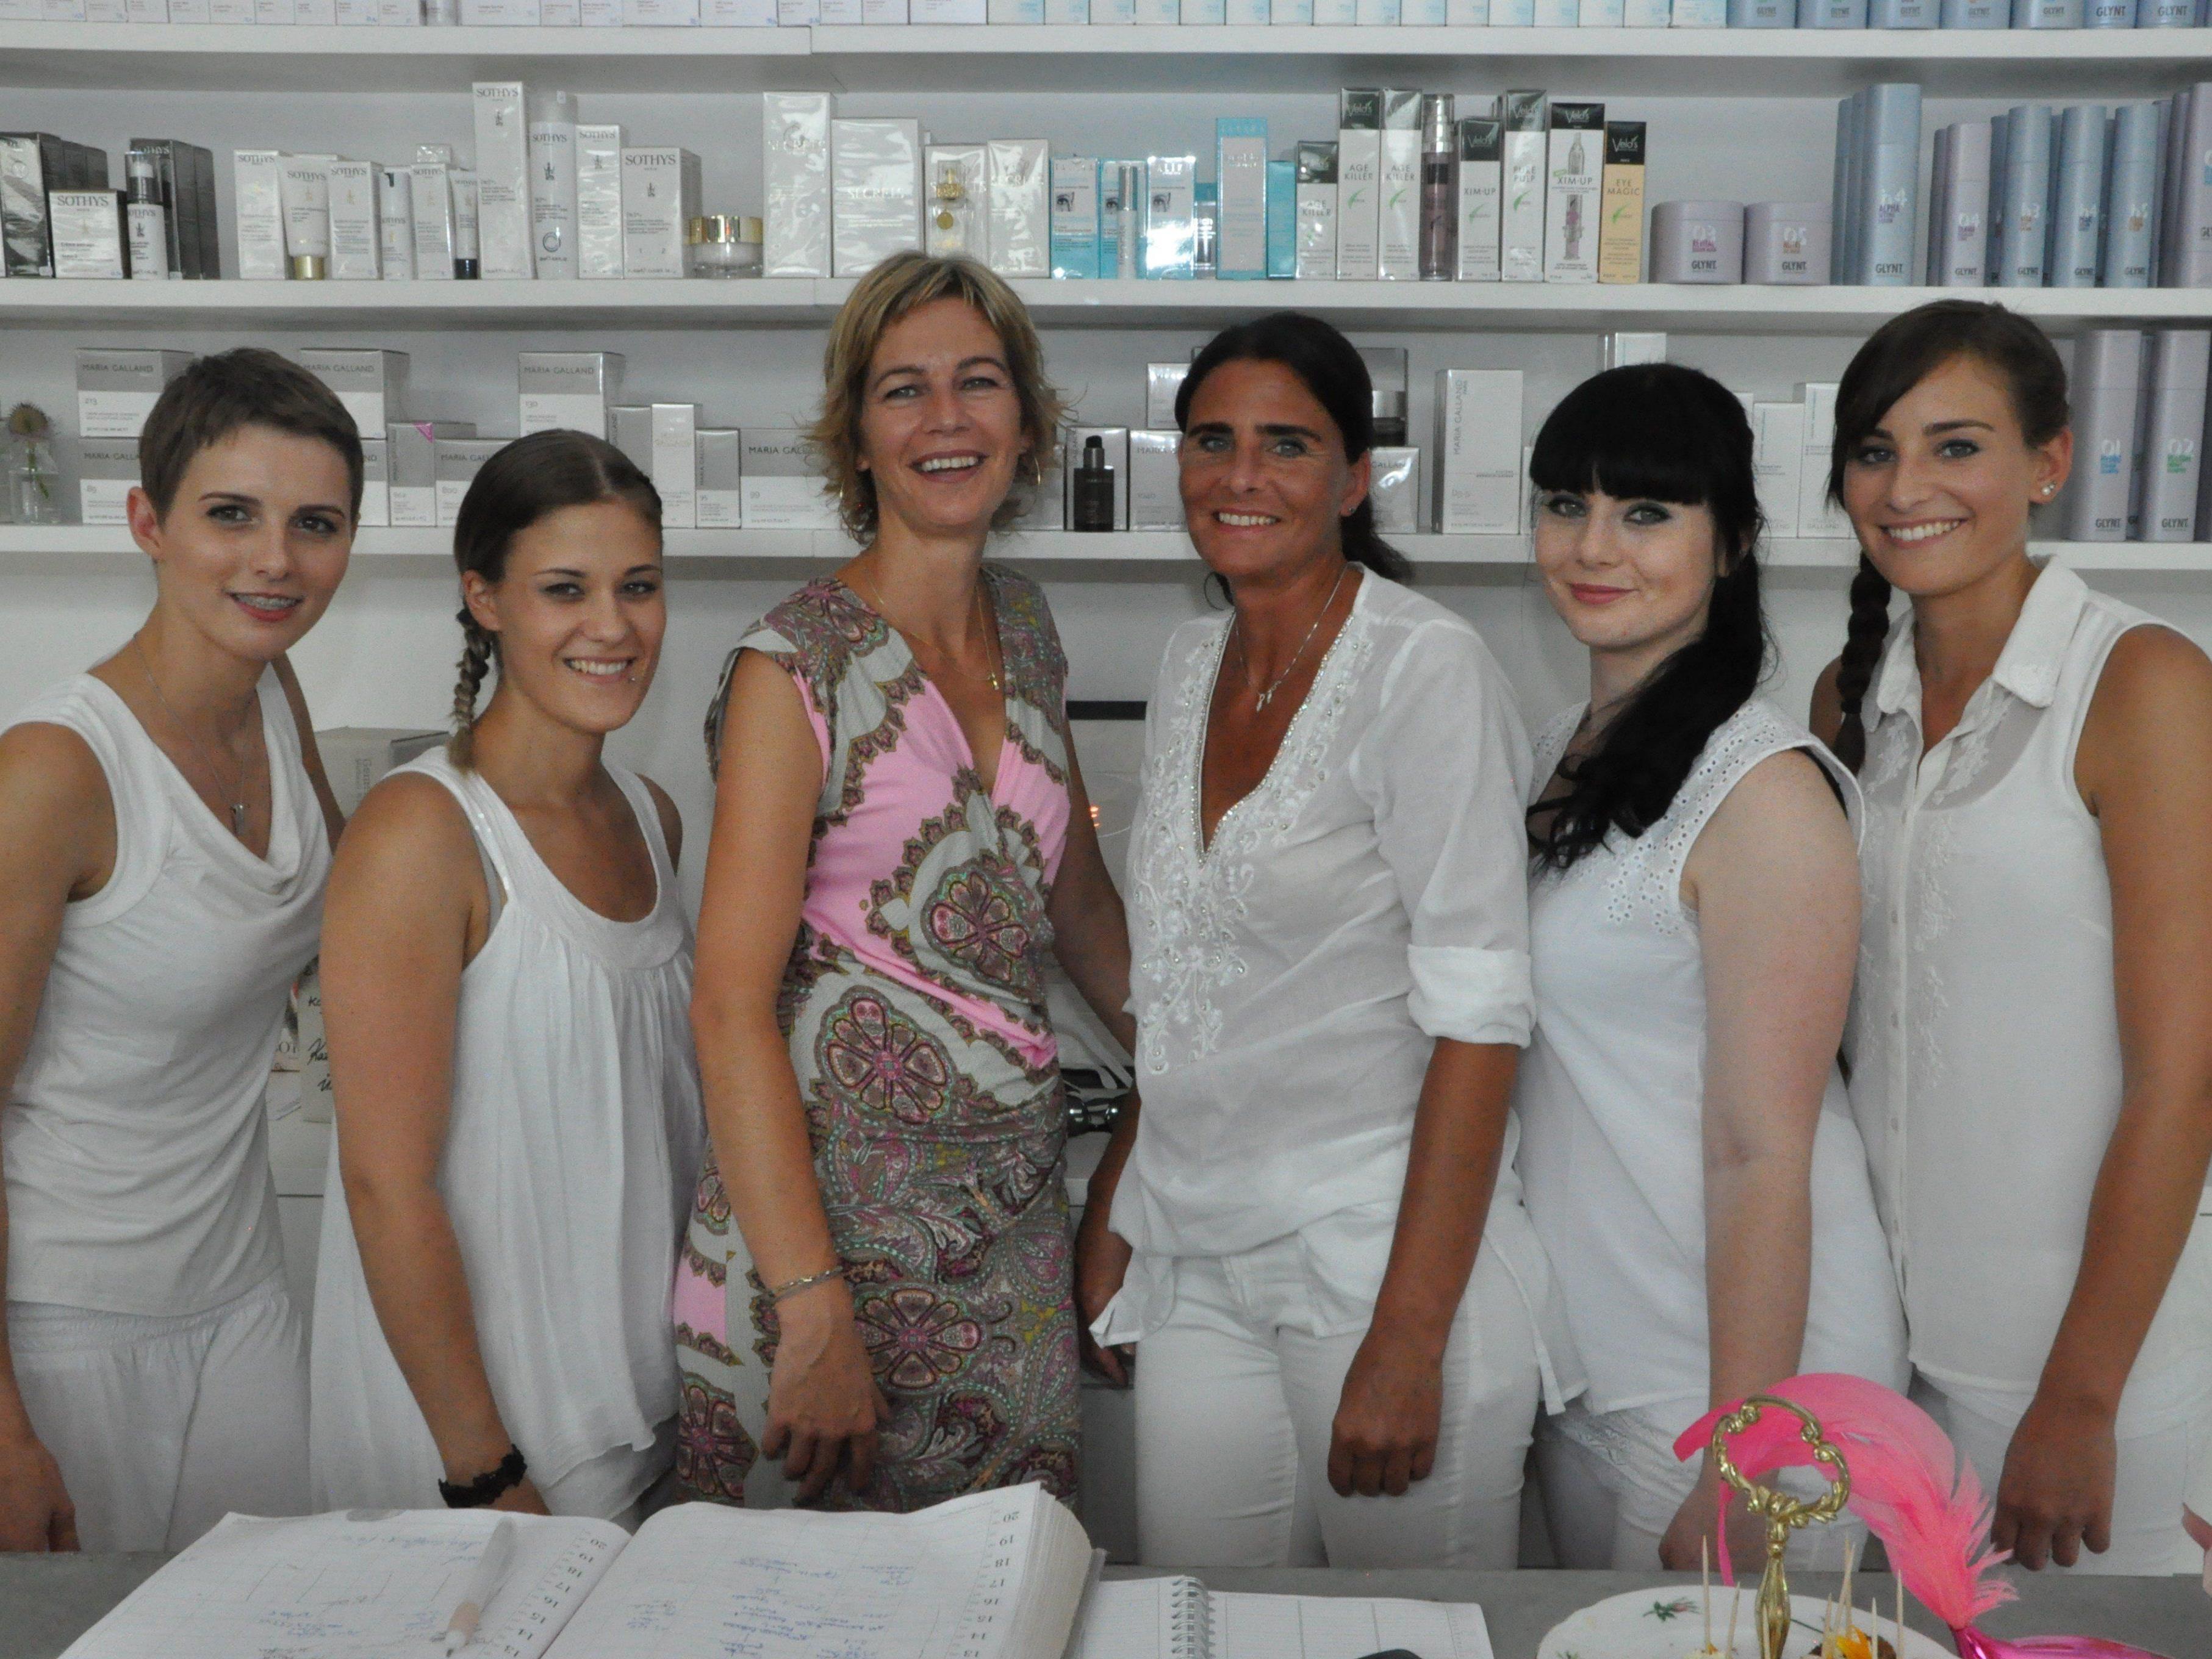 Das Team von Britta Reith Kosmetik freut sich auf ihren Besuch im neu eröffneten Kosmetikstudio.